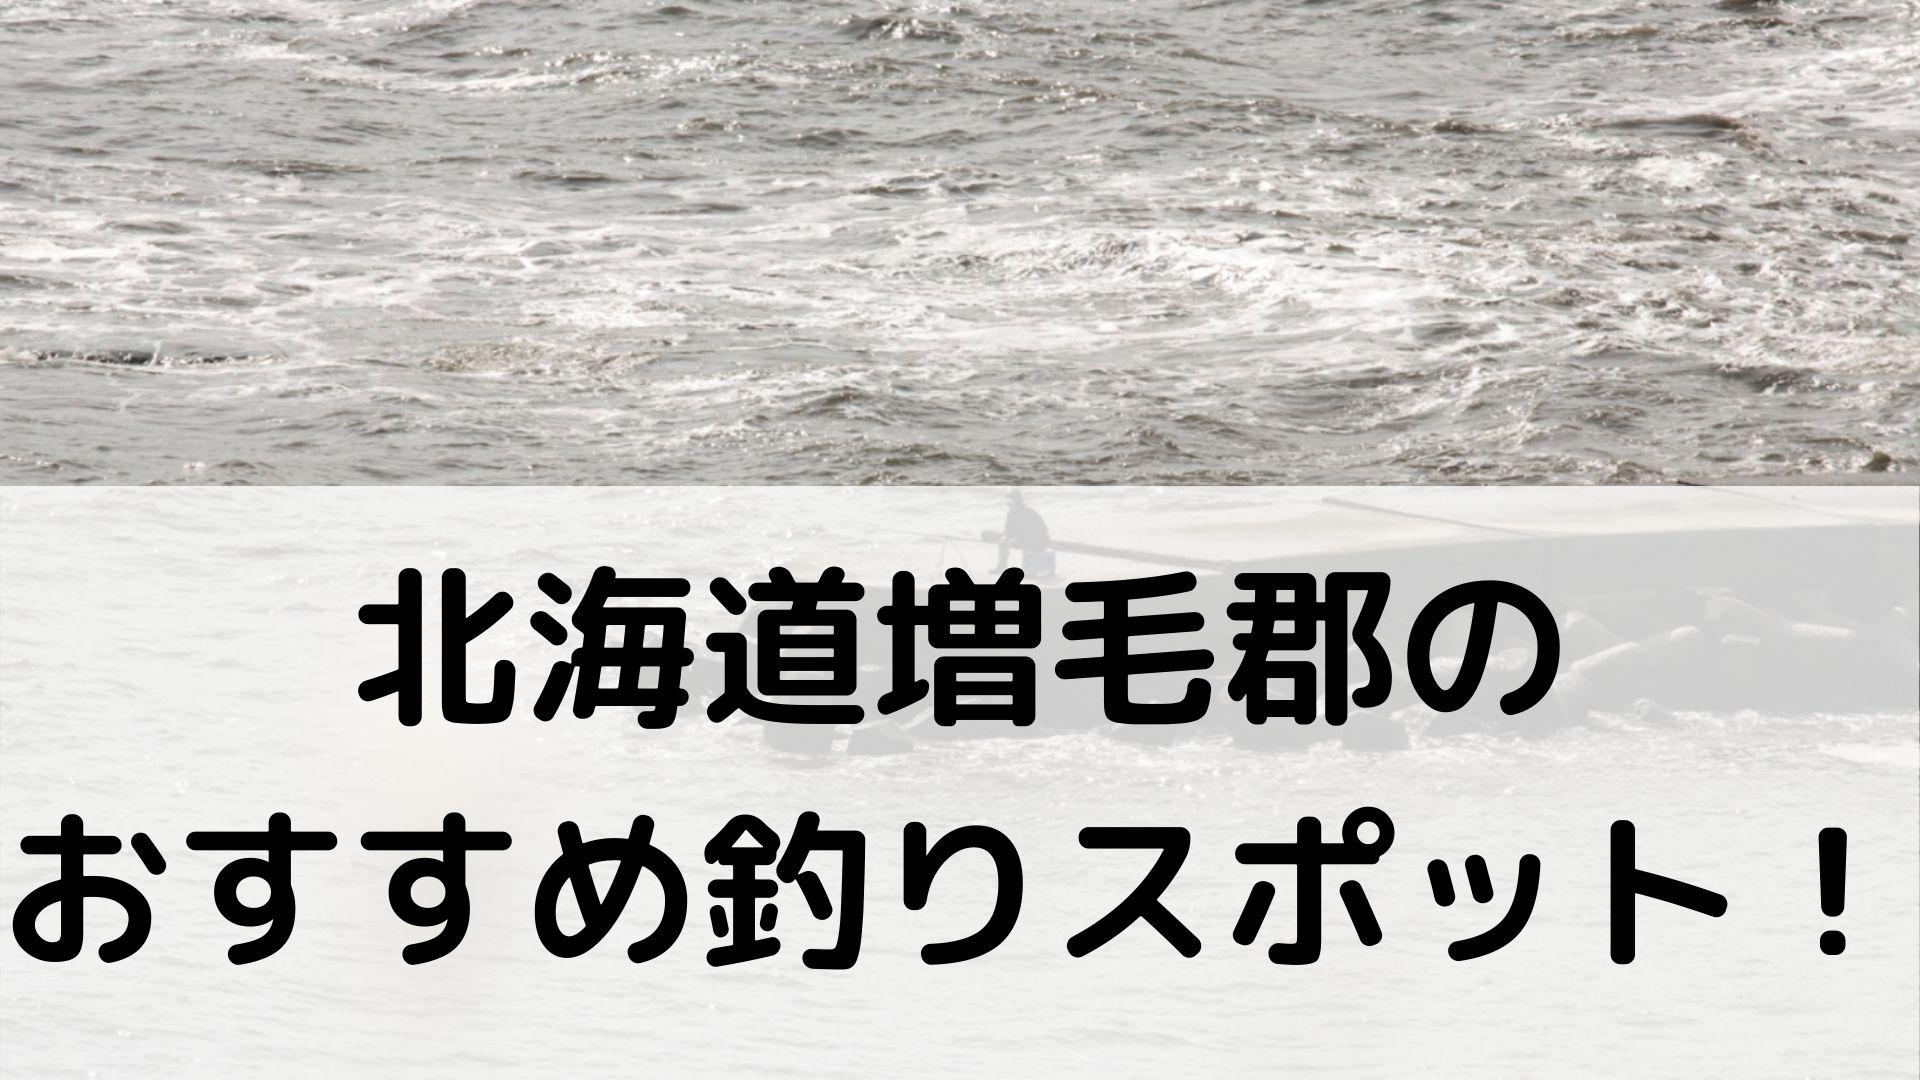 北海道増毛郡のおすすめ釣りスポットに関する参考画像